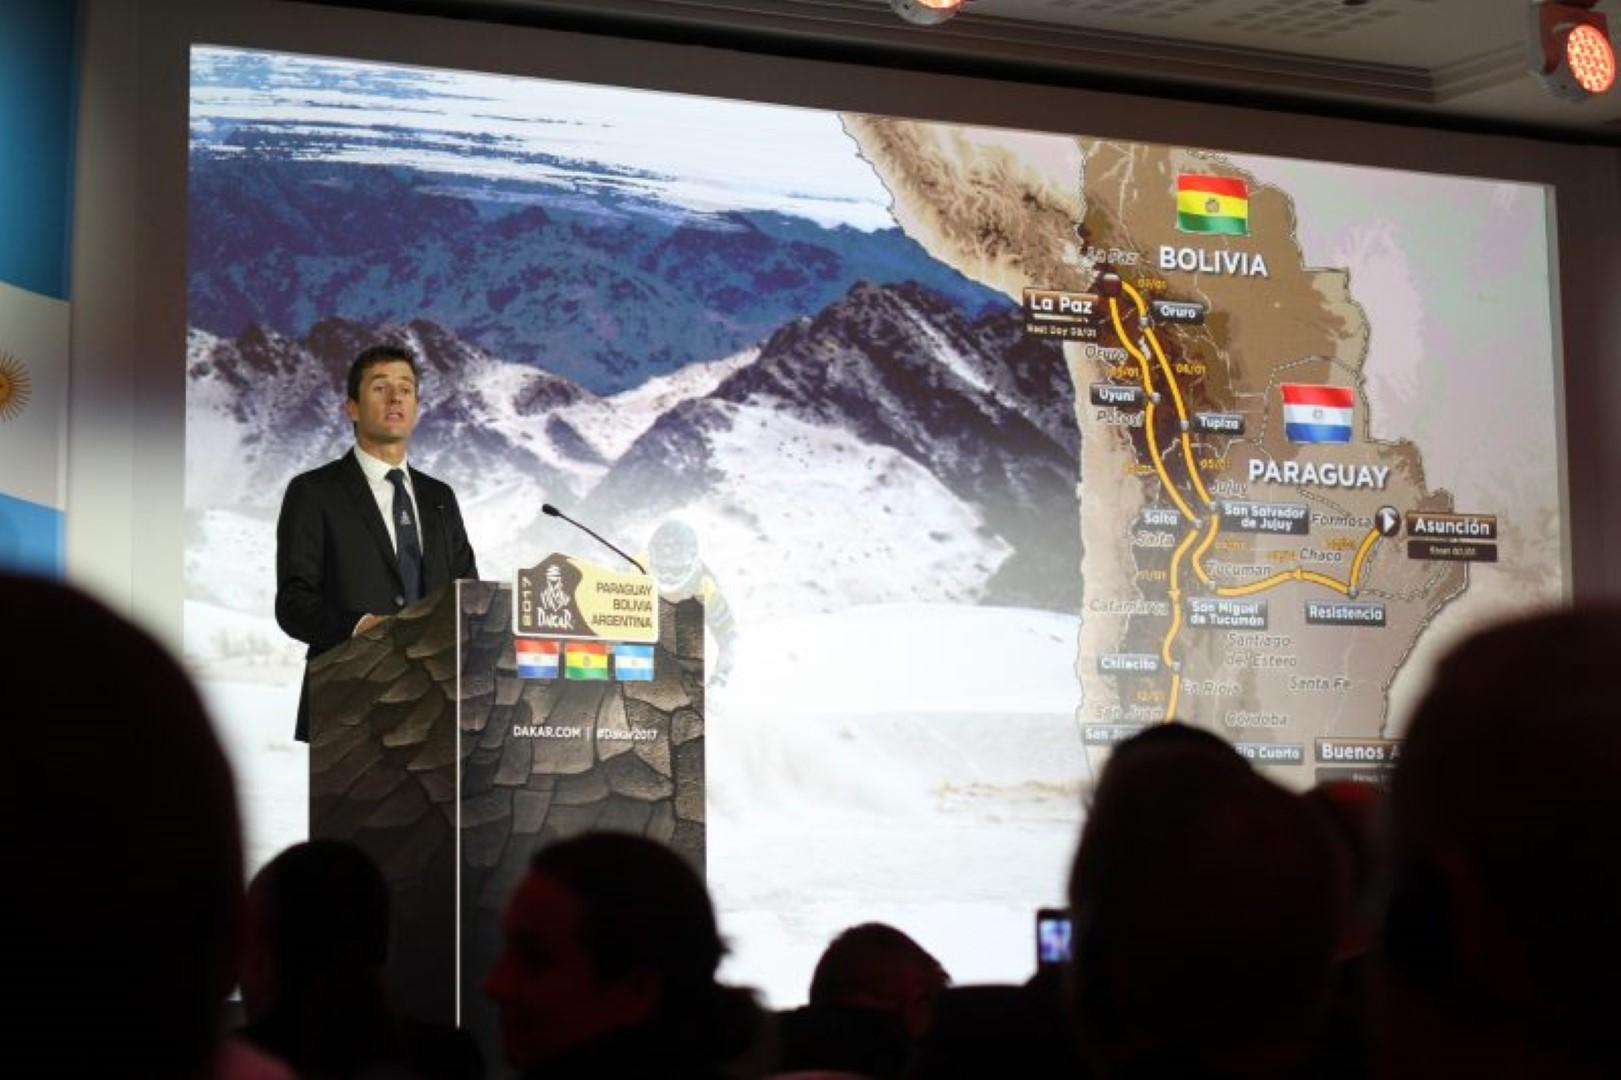 Presentada la edición 39ª del Dakar. Recuperando la esencia de la aventura.